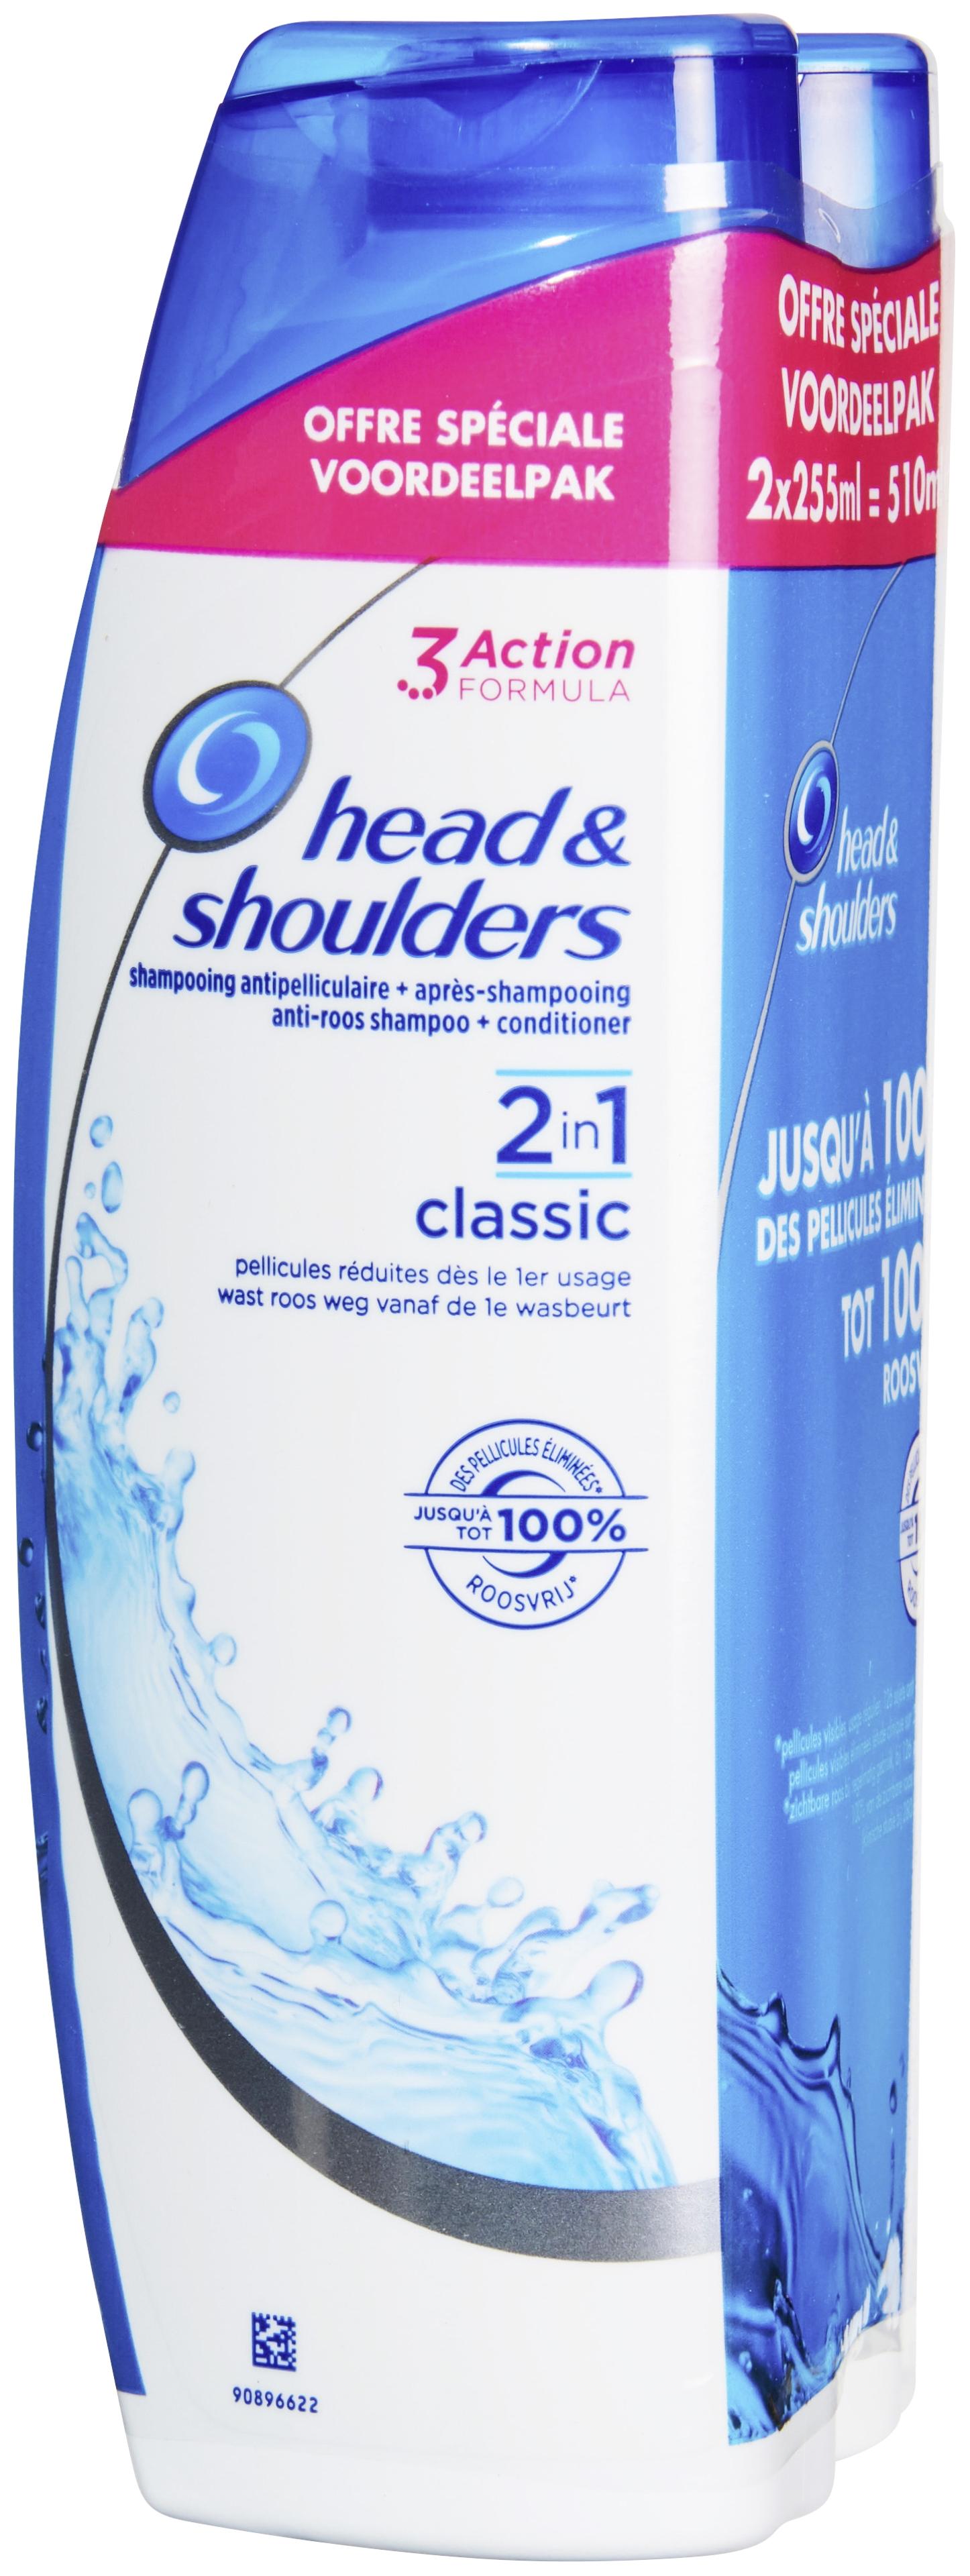 Sélection de Produits en Promotion - Ex : Lot Gratuit de 2 Bouteilles de Shampoing Head & Shoulders (Variétés au choix - 2 x 255ml - Via Carte de Fidélité + BDR)